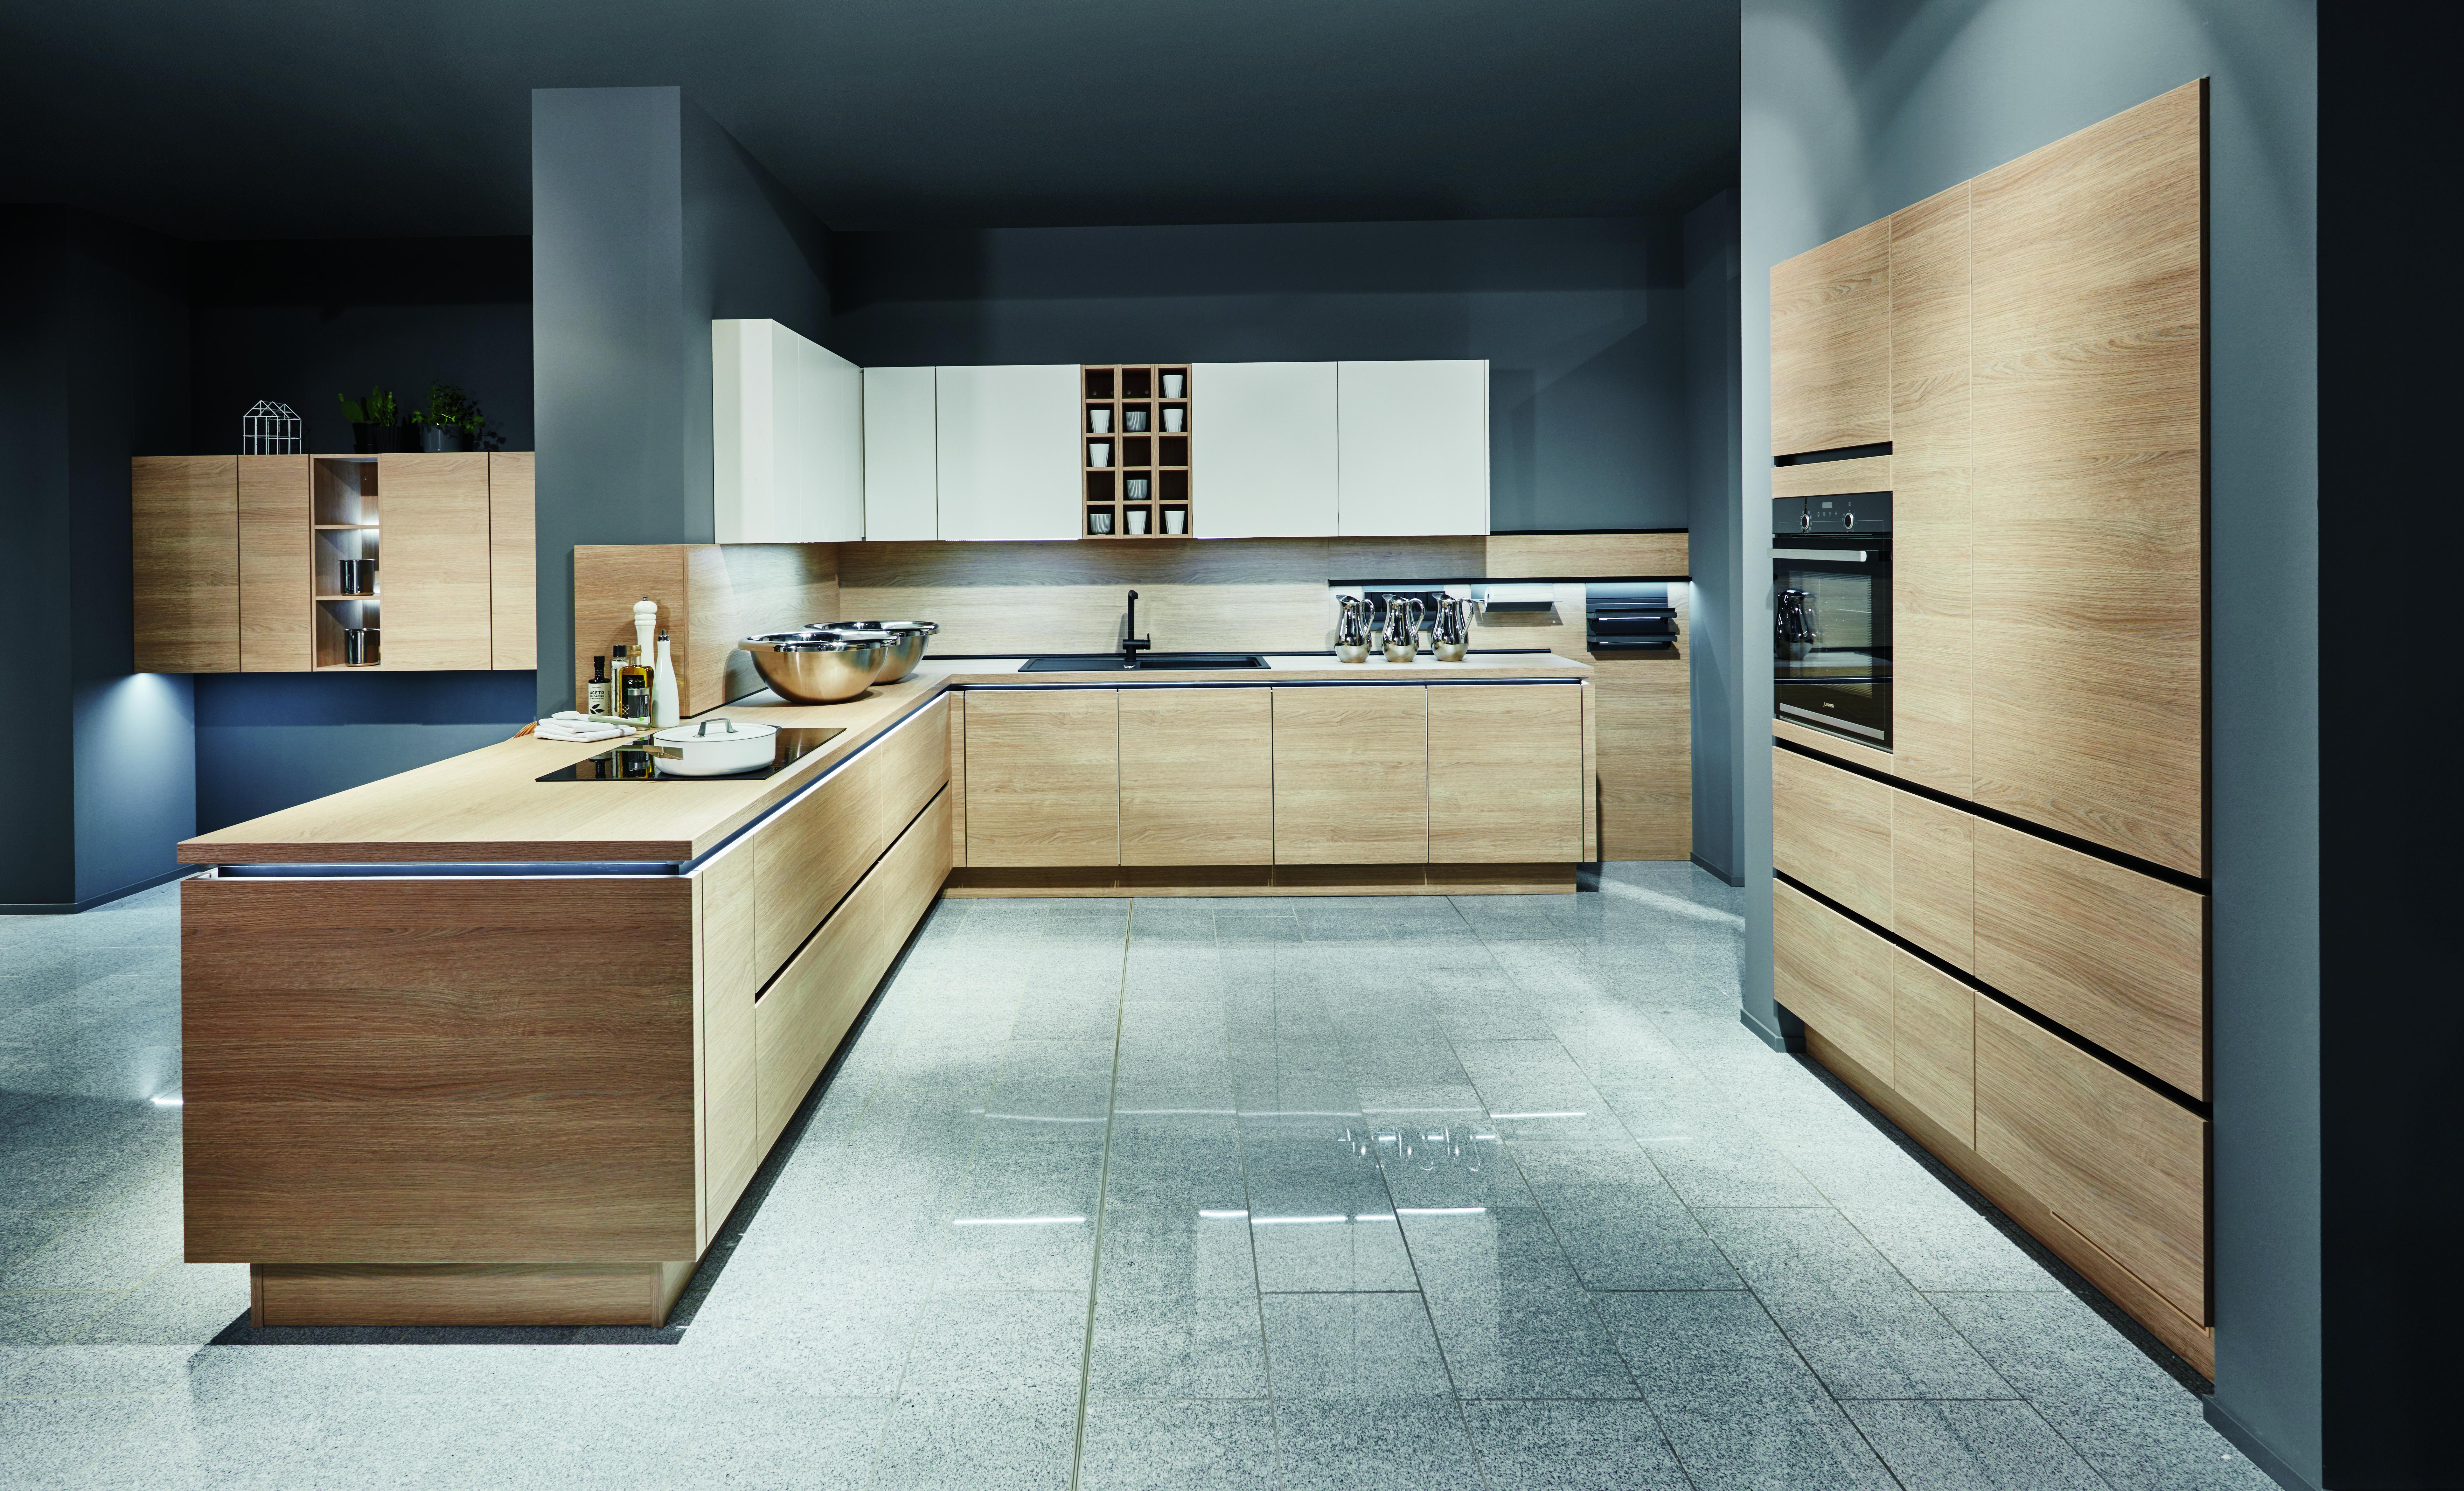 Cum să faci dintr-o bucătărie mică una încăpătoare?